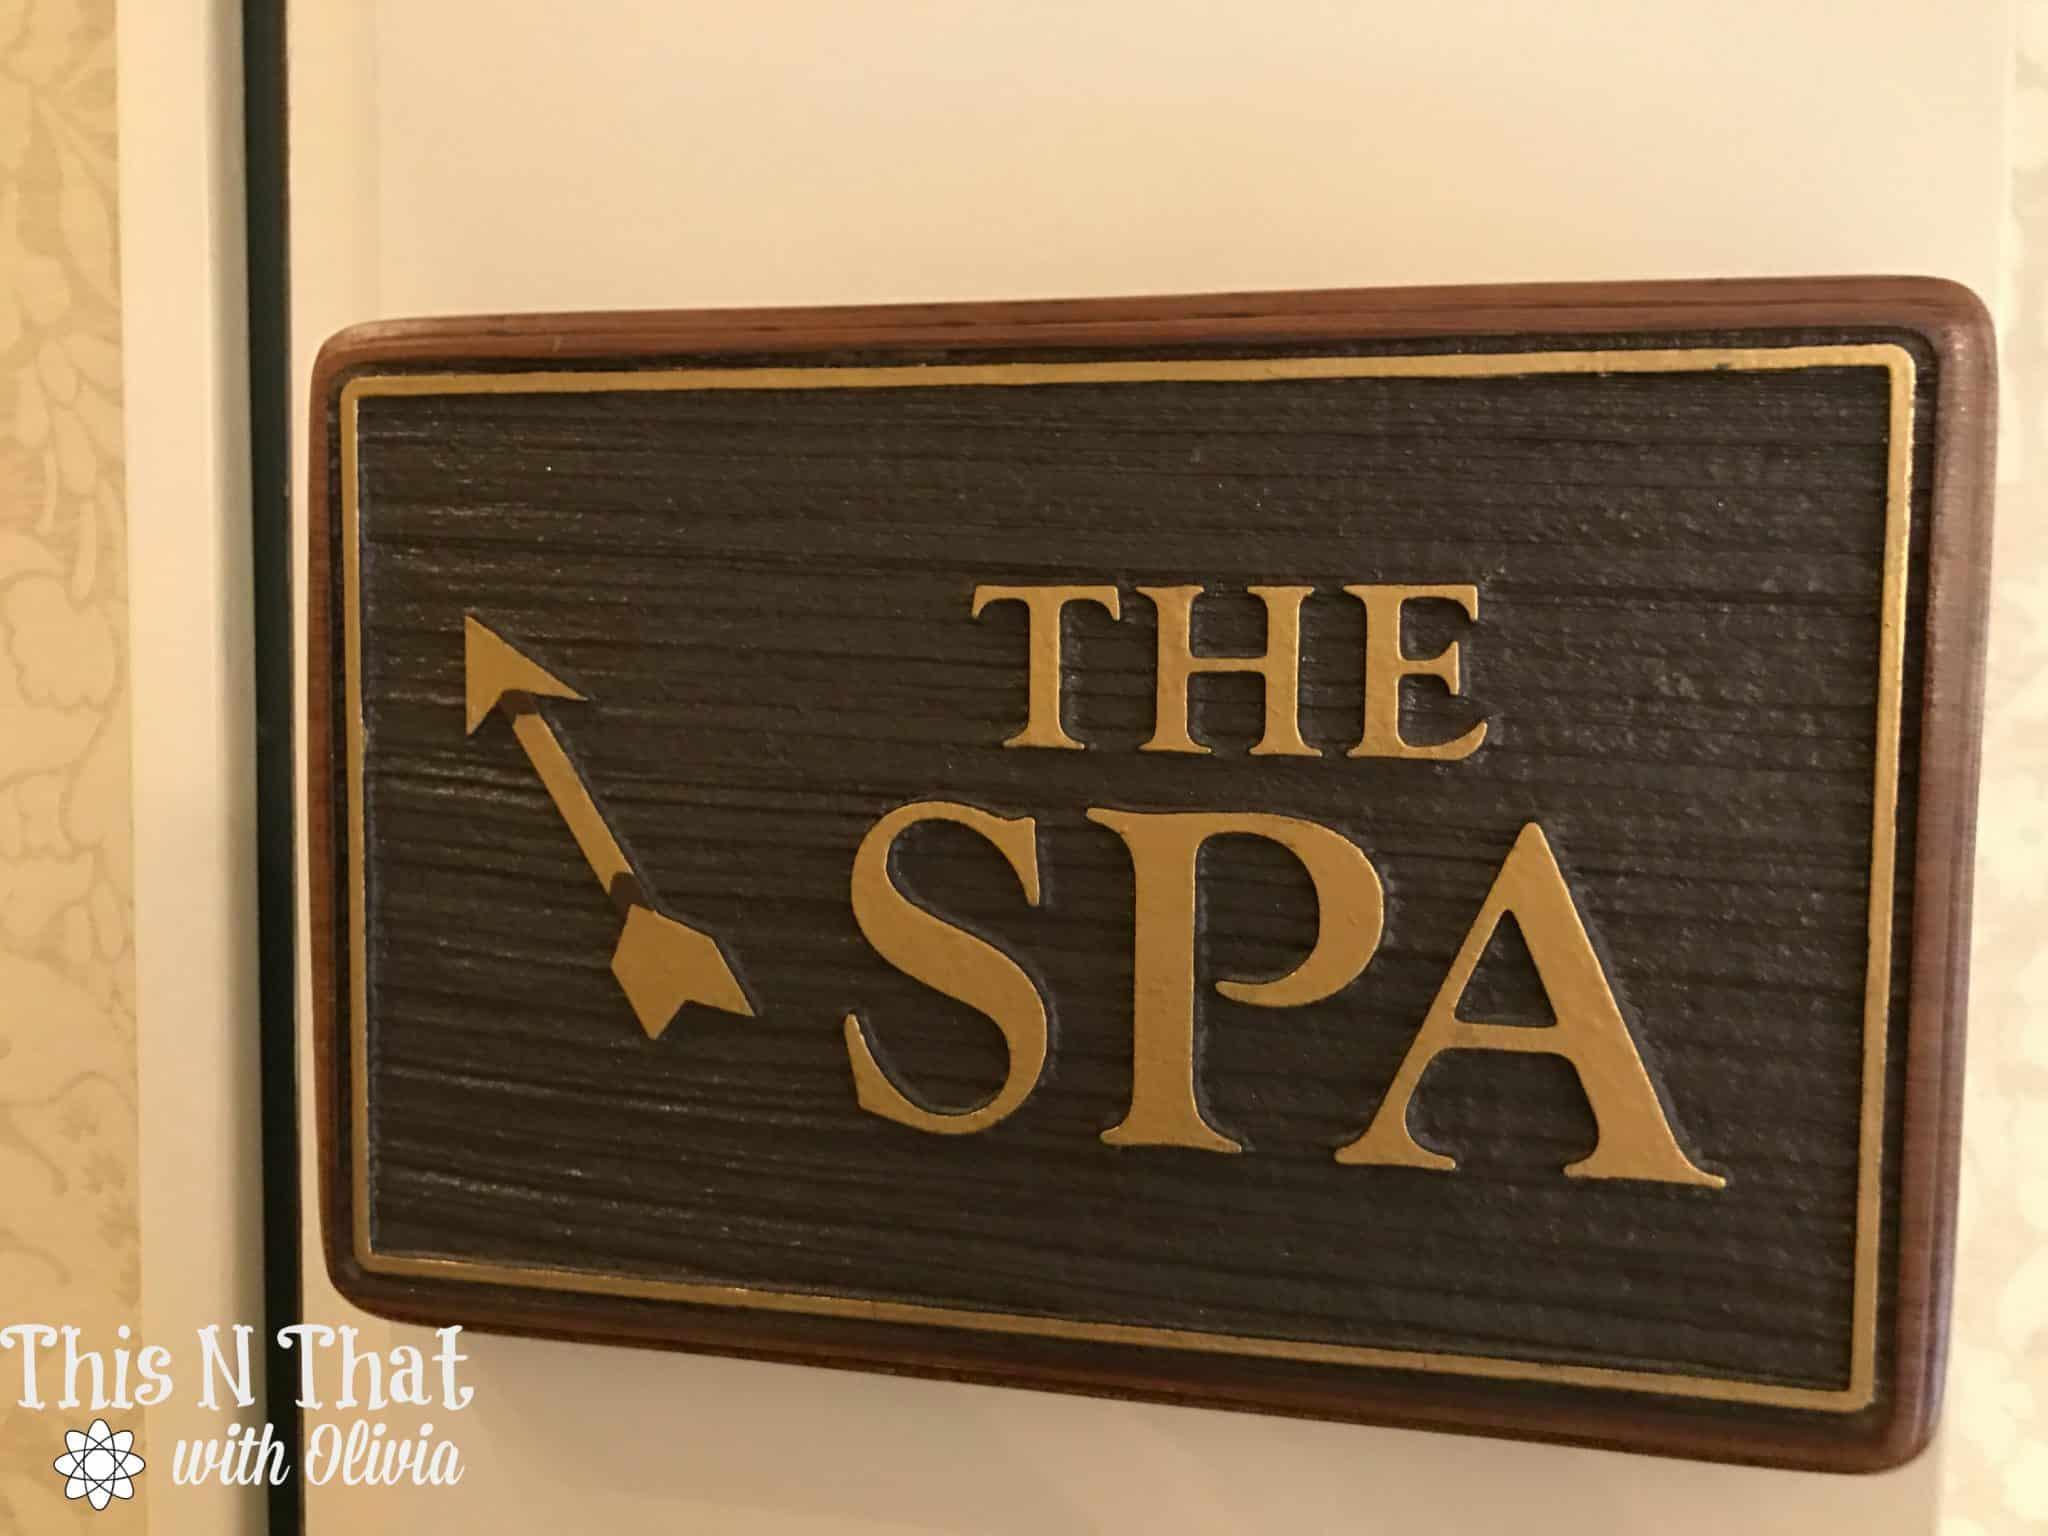 Top 7 Things to Splurge on in Hershey, PA #HersheyPA @HersheyPA